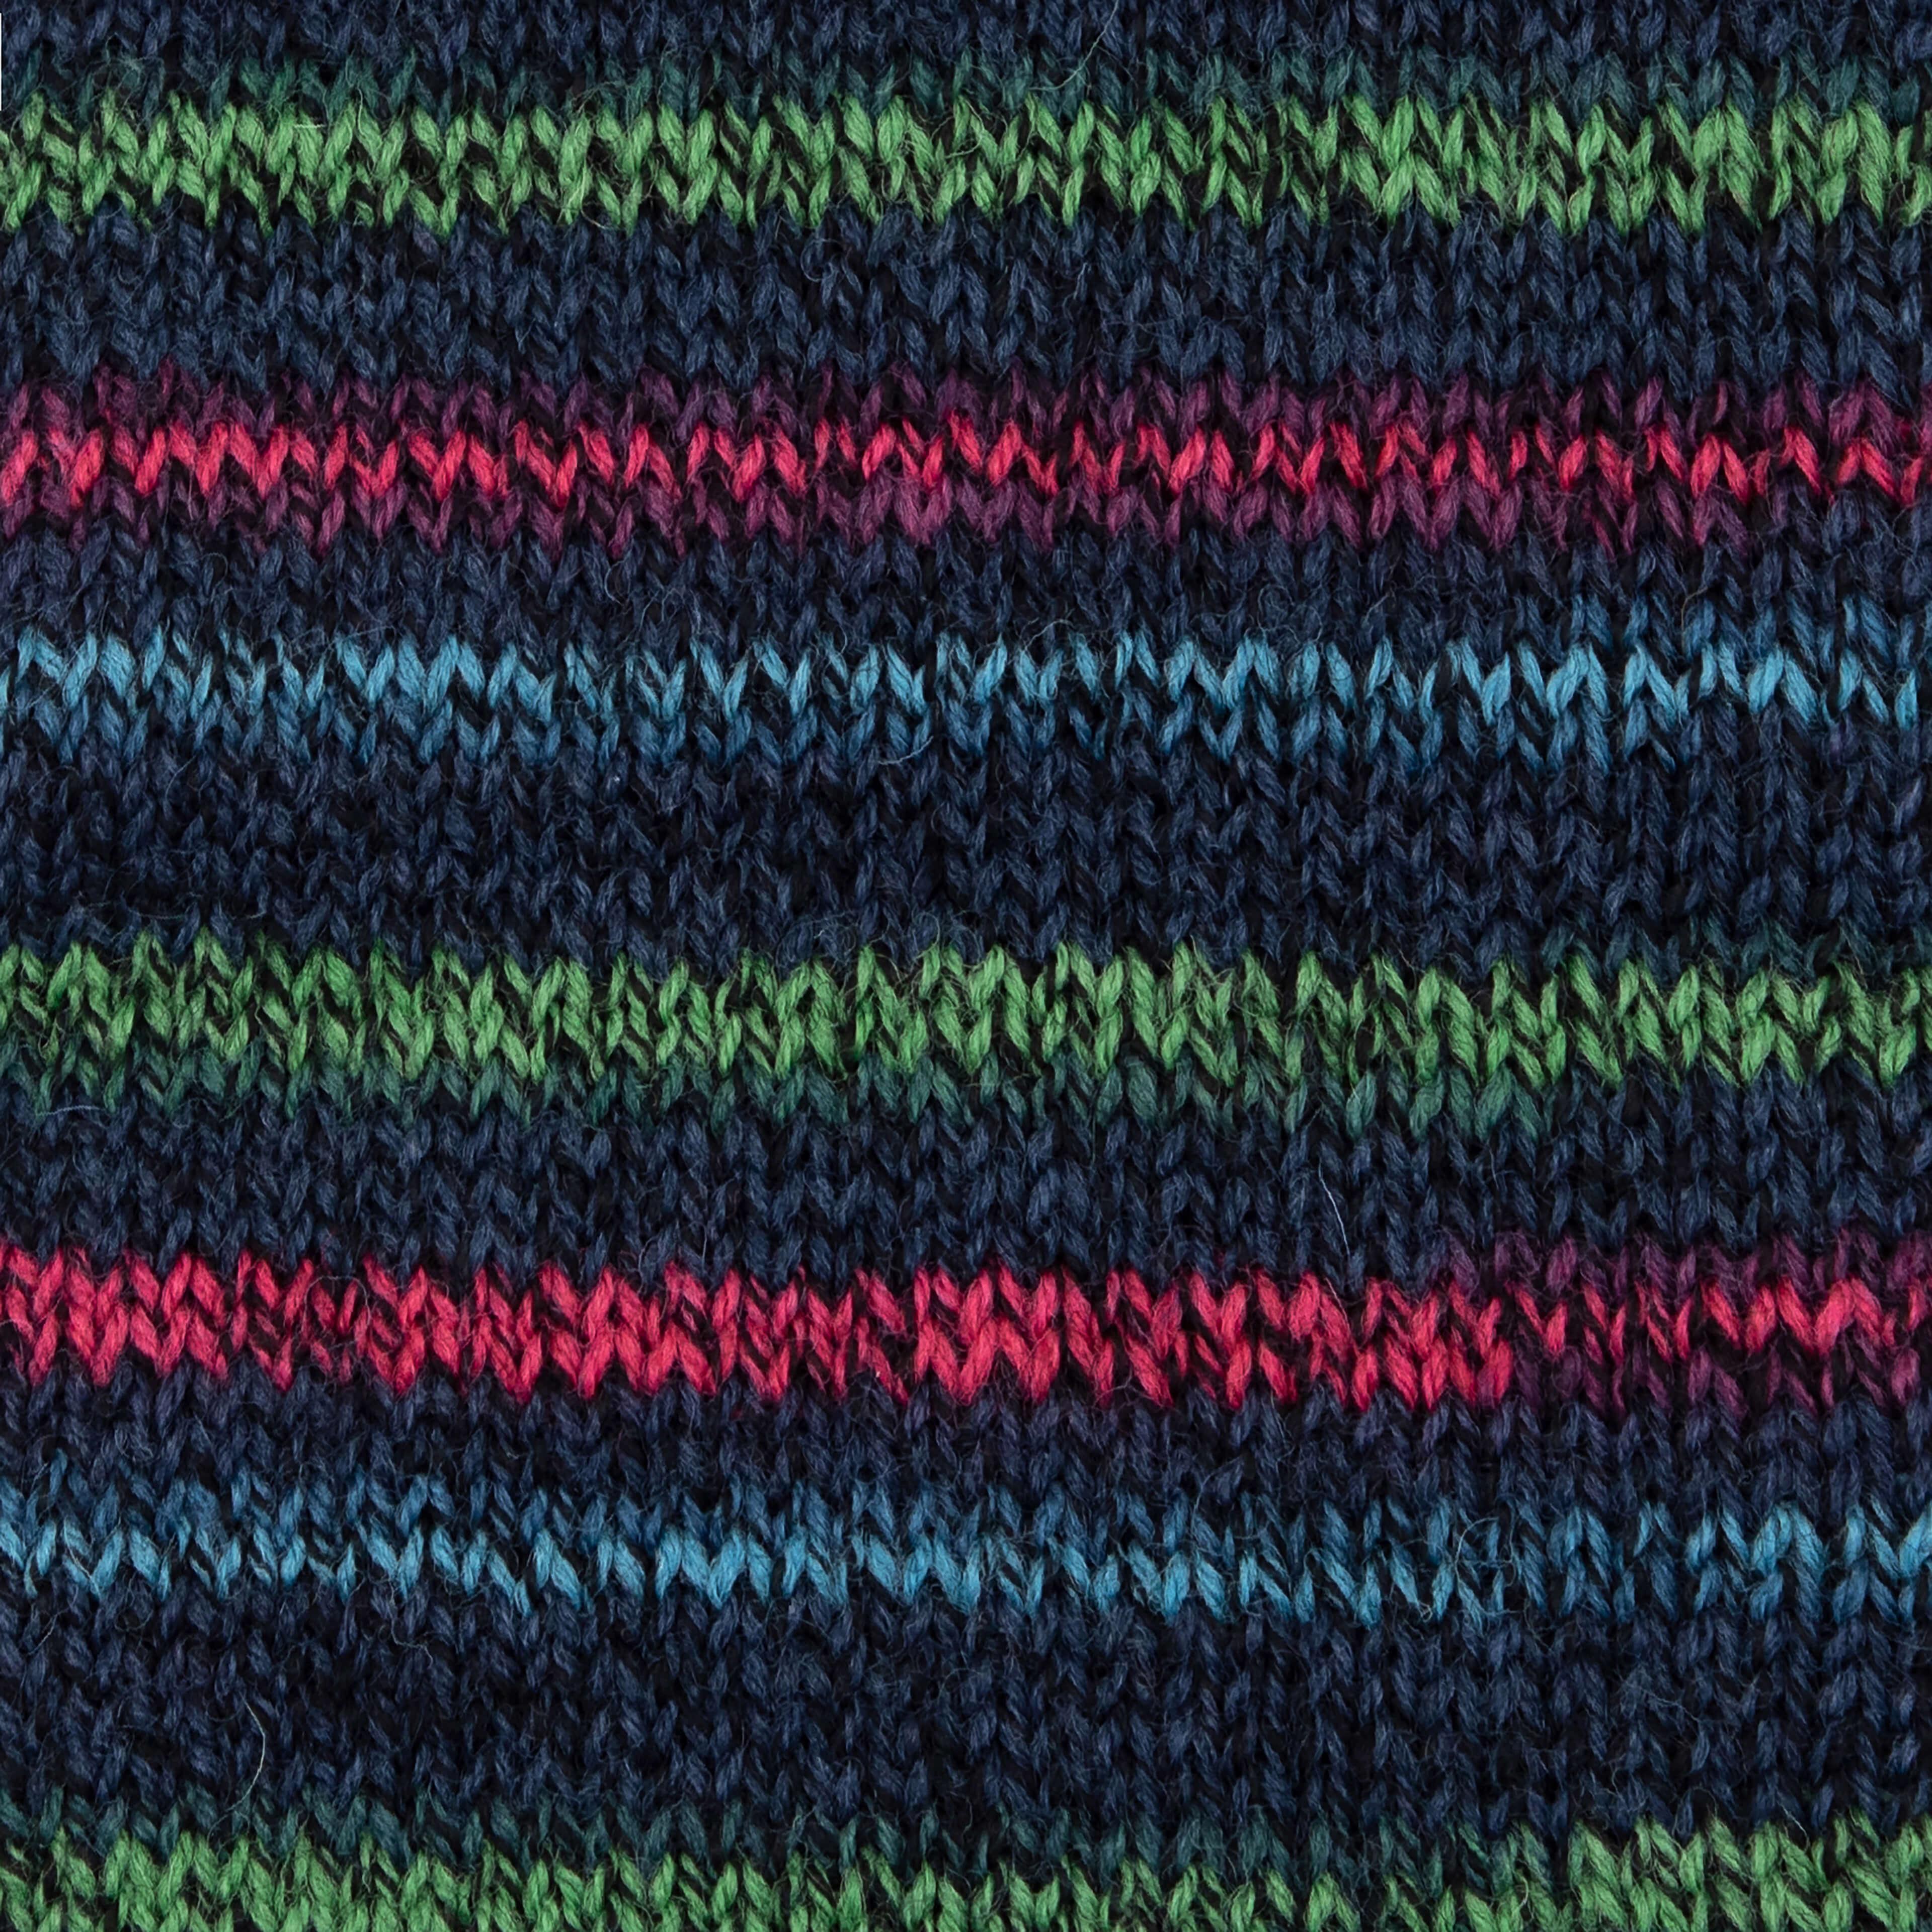 schiefer-apfelgrün-kirschrot-blau